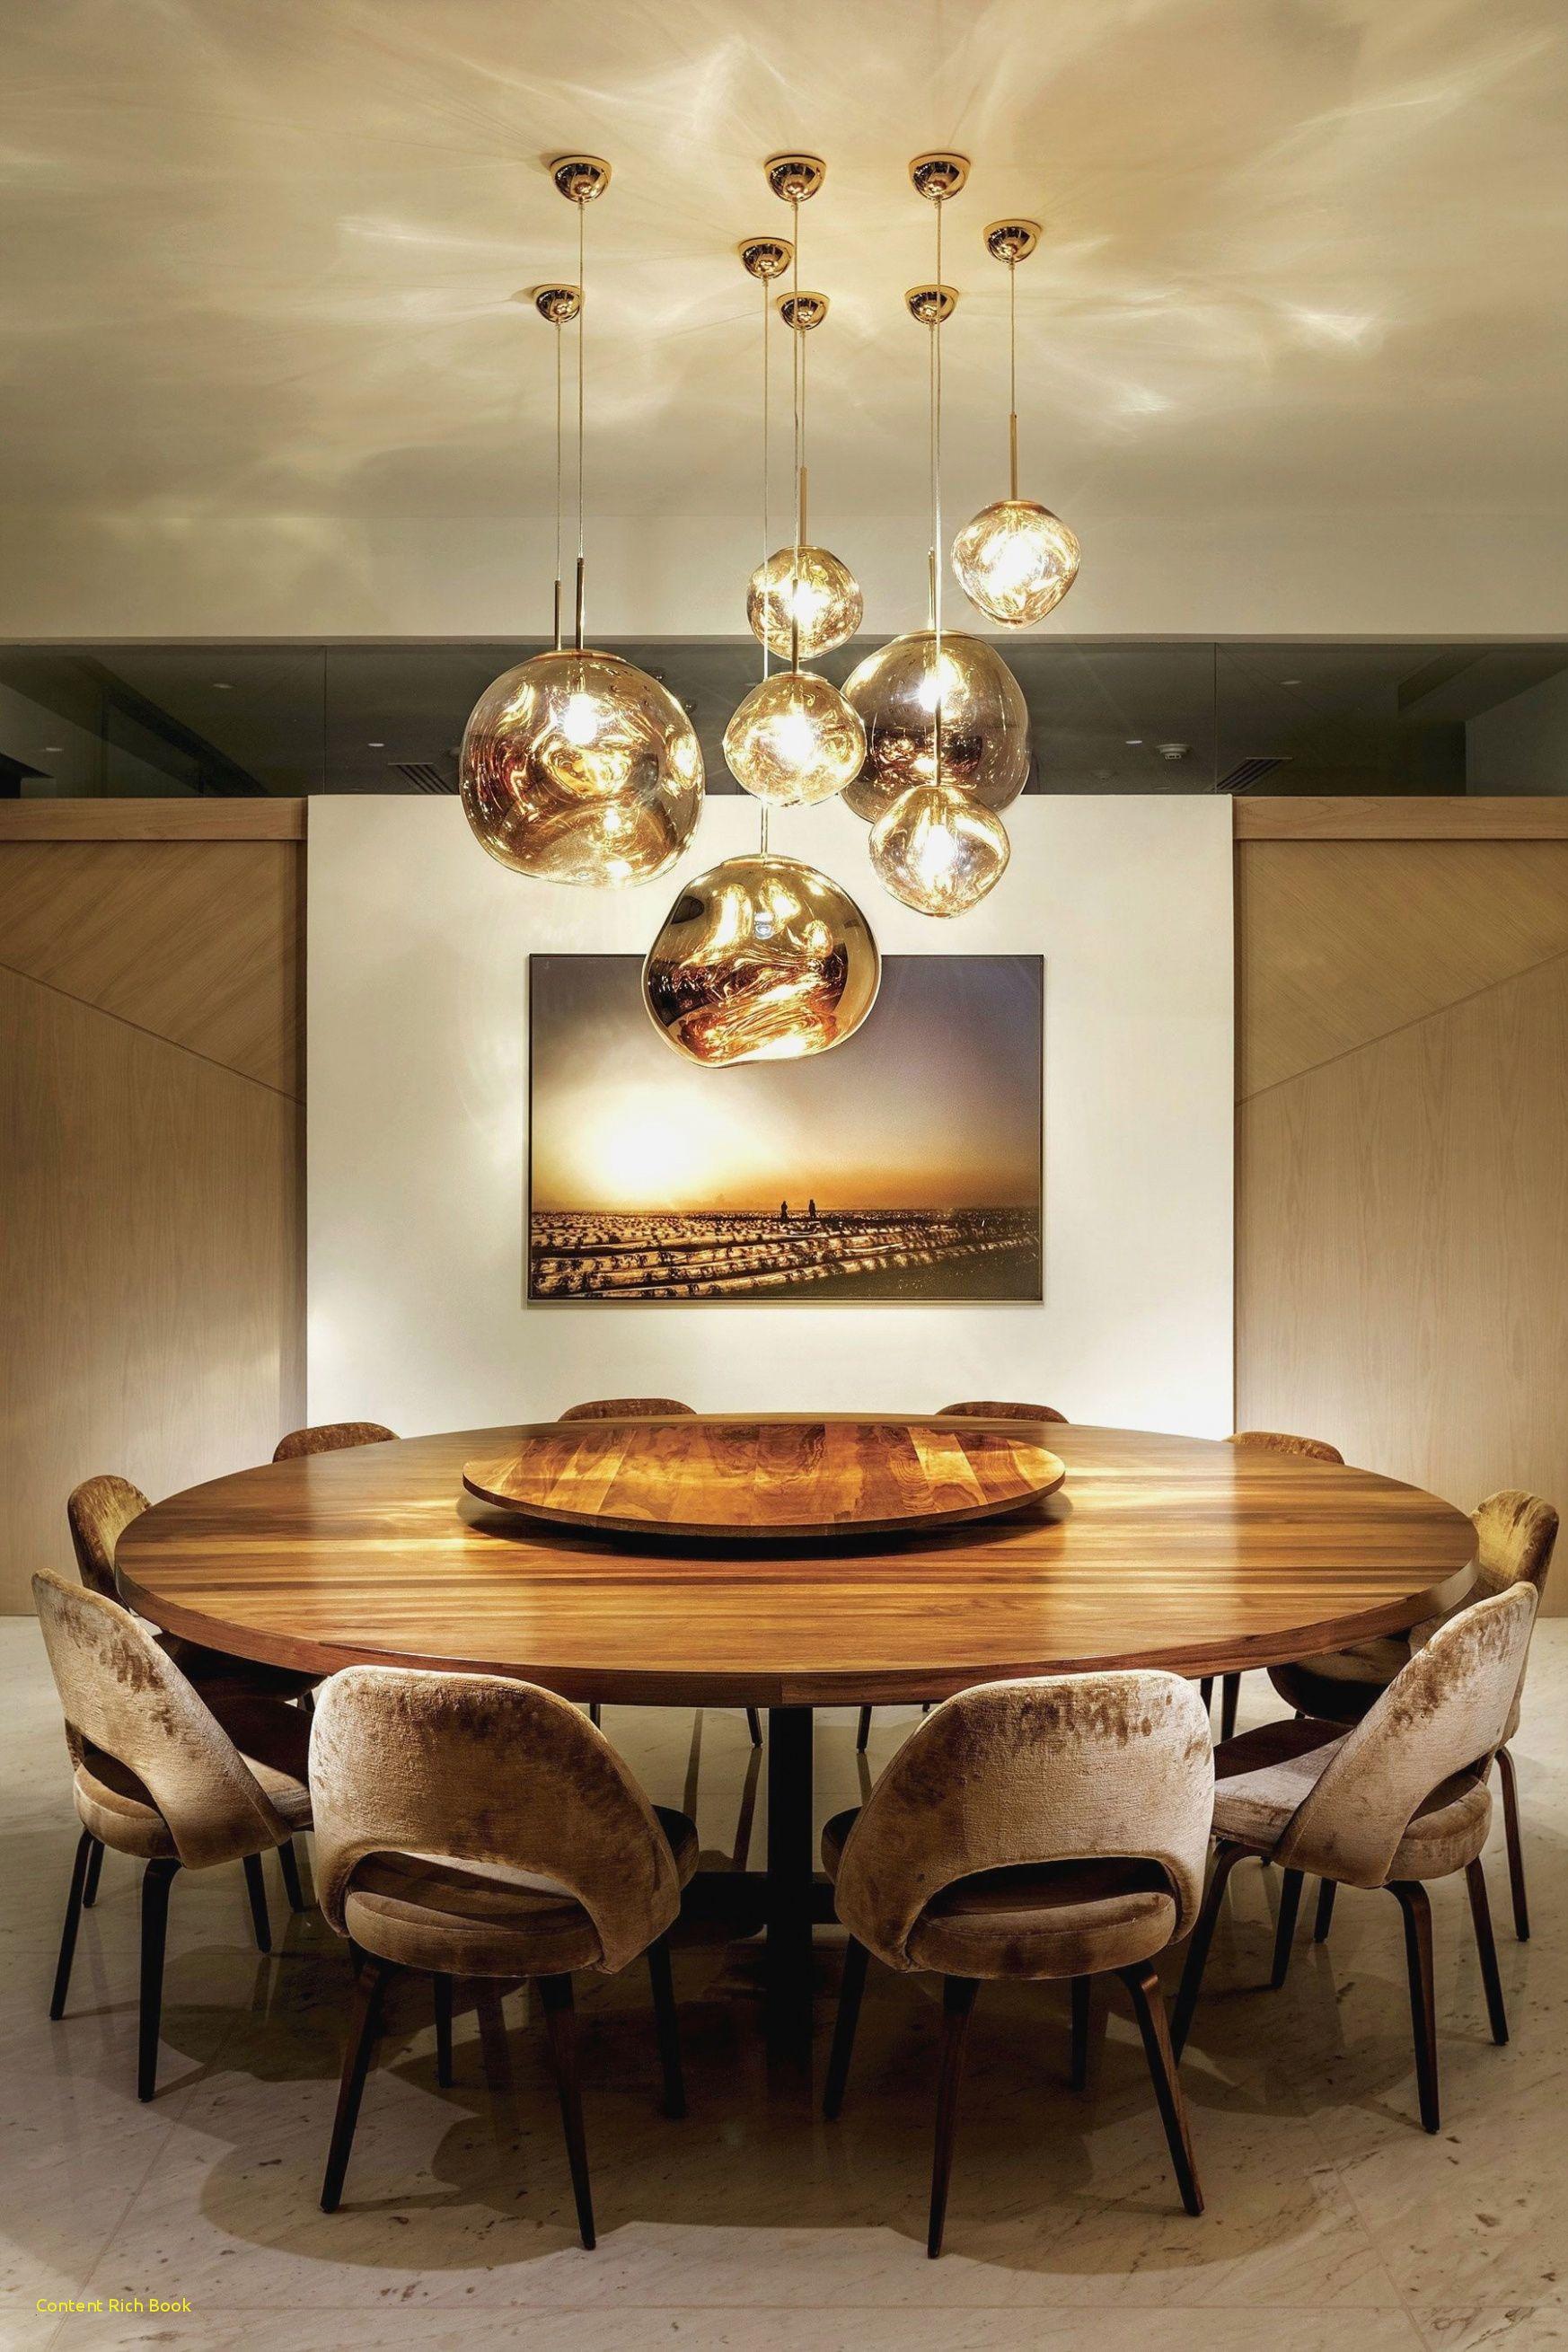 Unique Pendant Lights Kitchen Island Ruang Makan Modern Desain Meja Makan Desain Ruang Makan